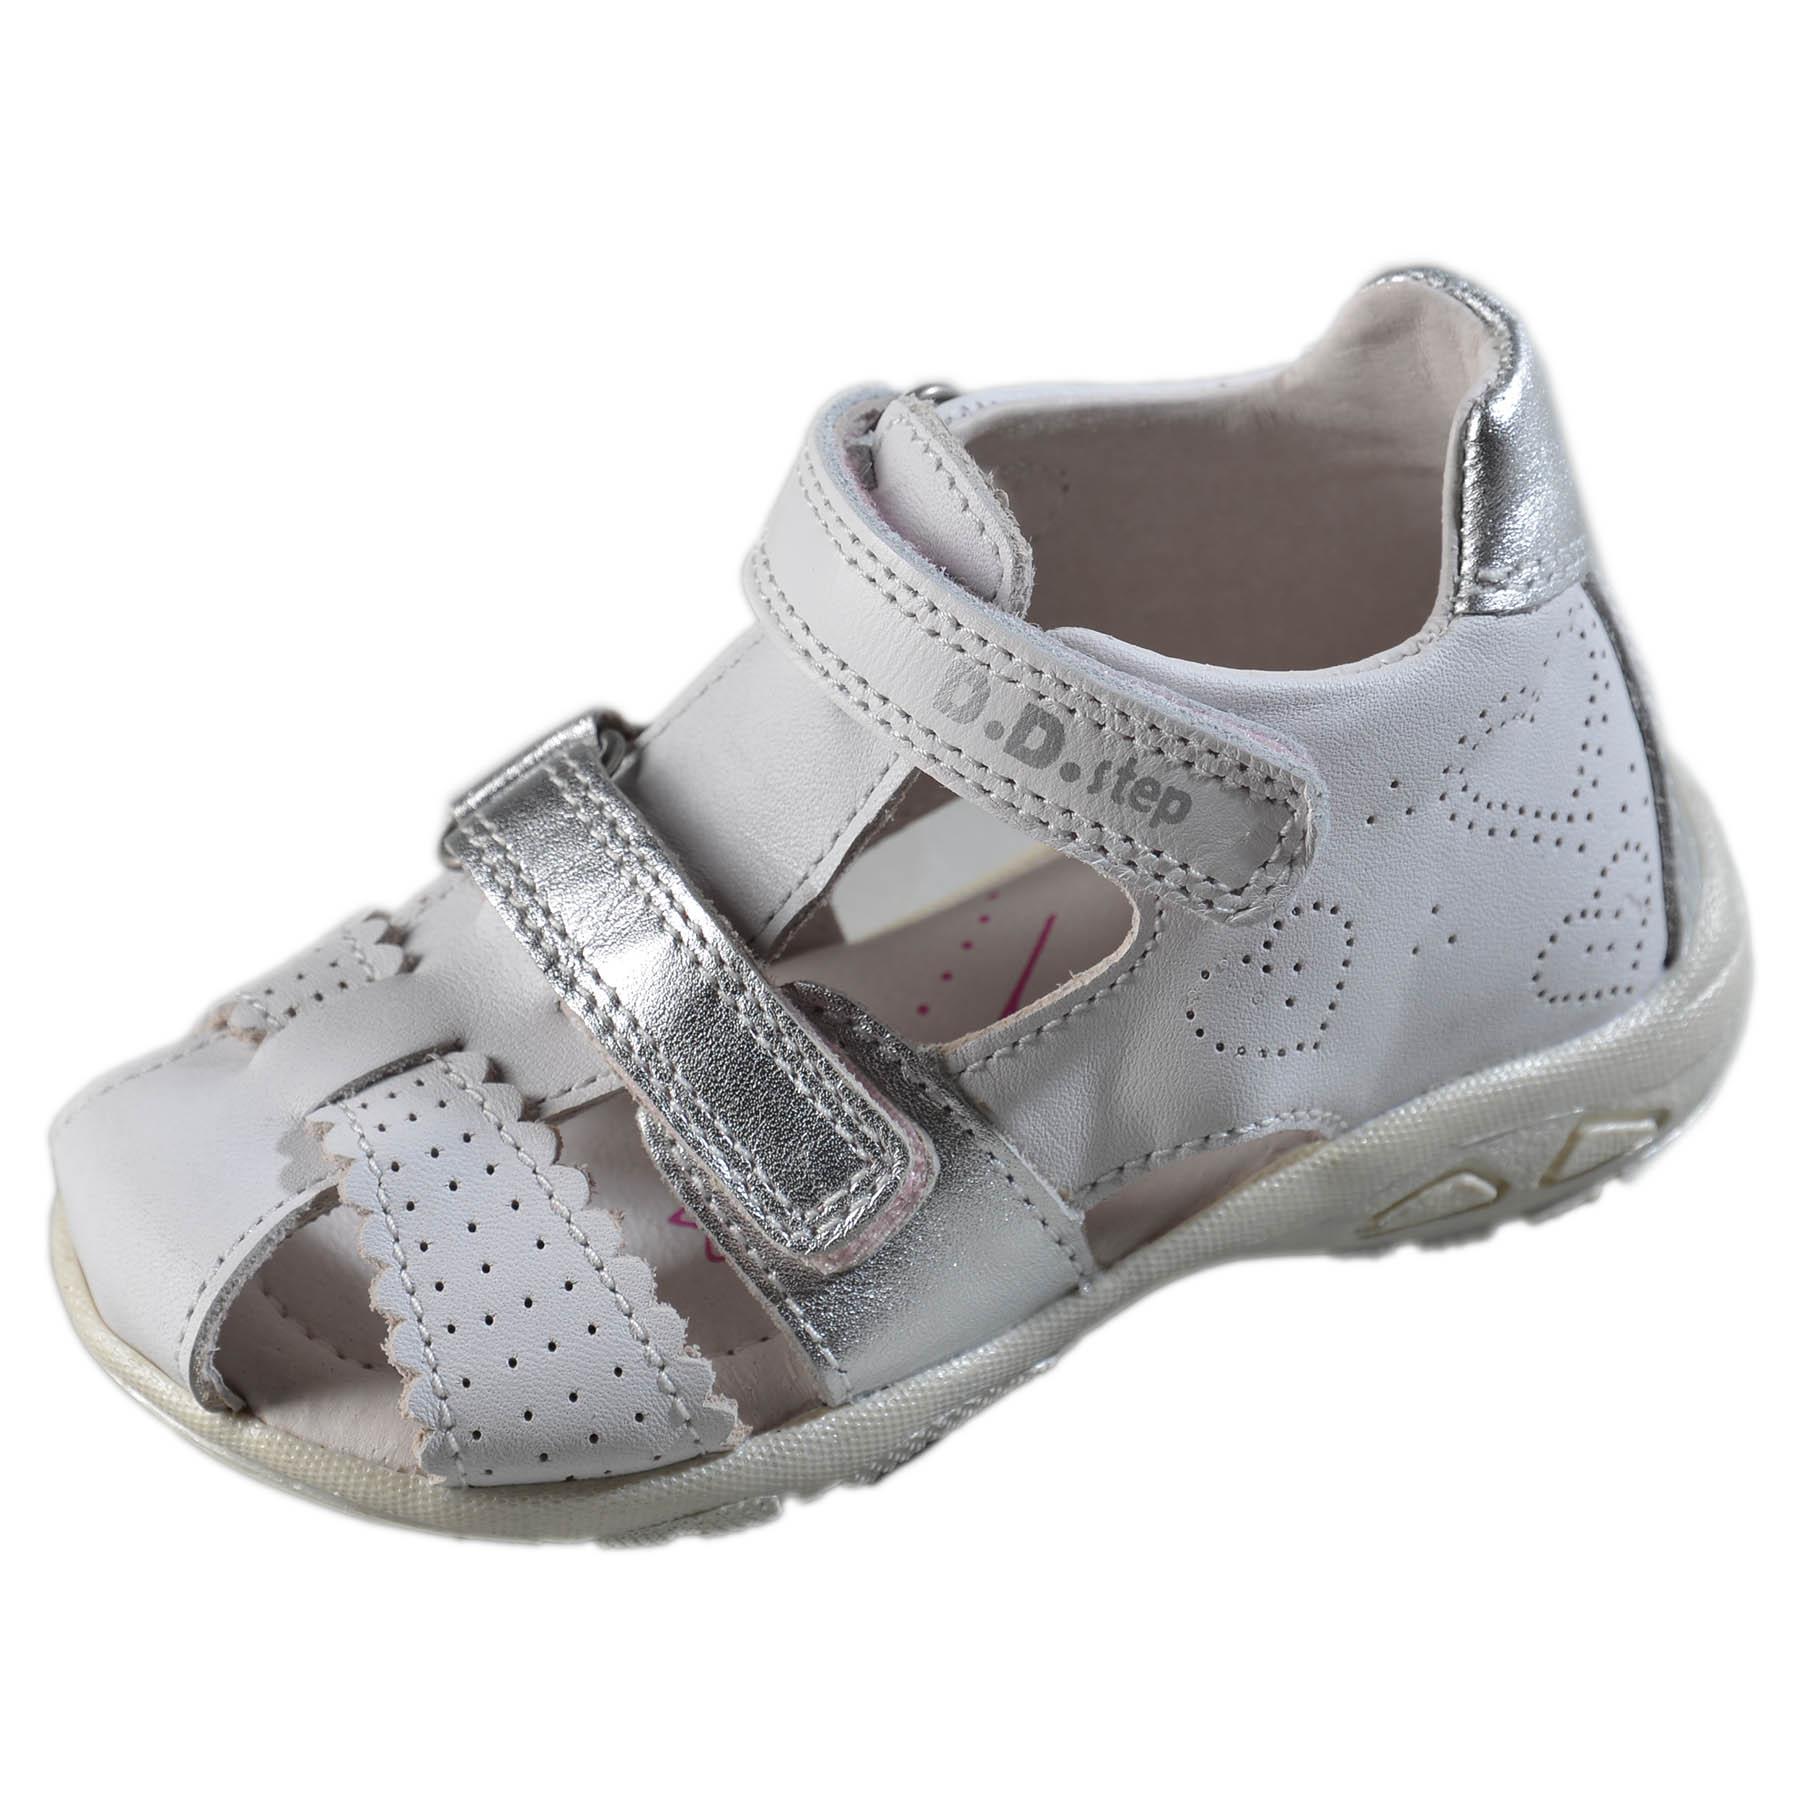 6599c09e948a Dievčenské kožené sandále-White DDstep - AC290-7035